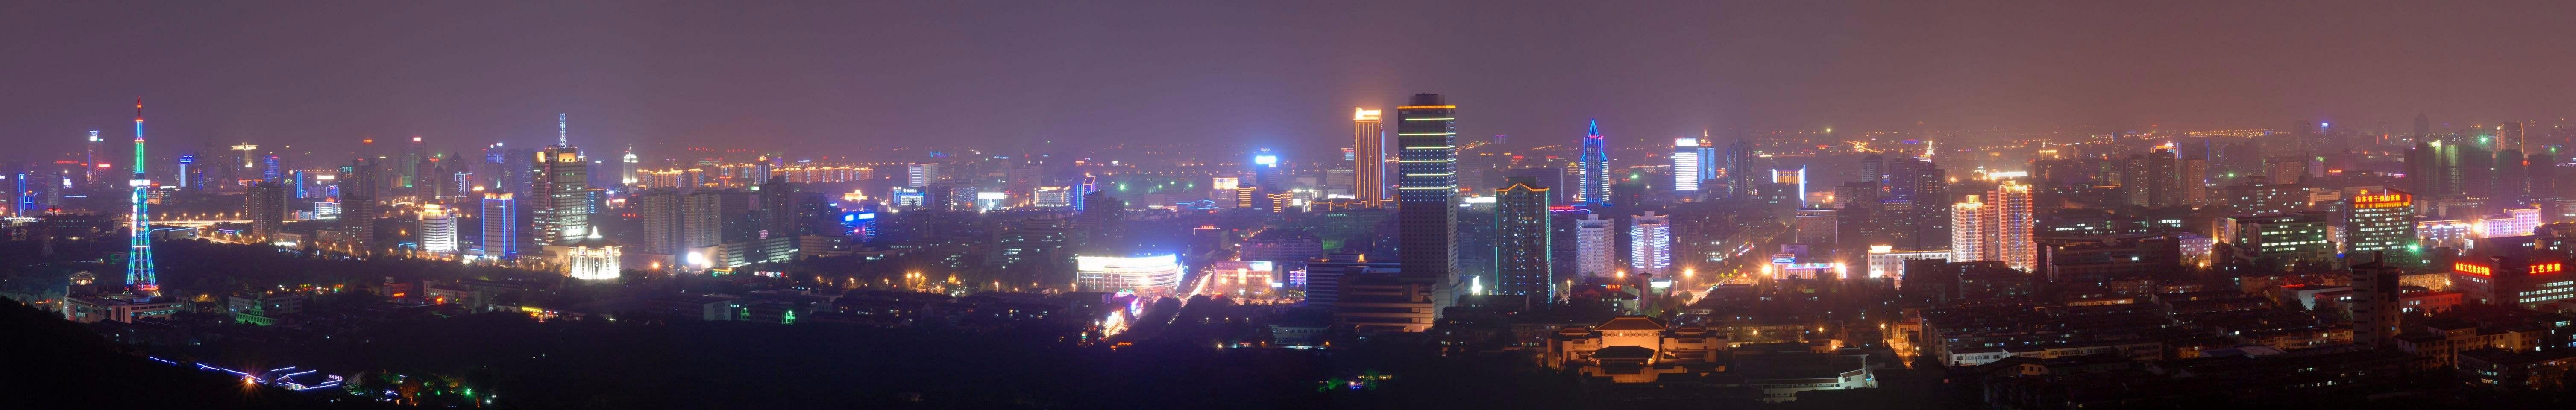 烛为家城市照明